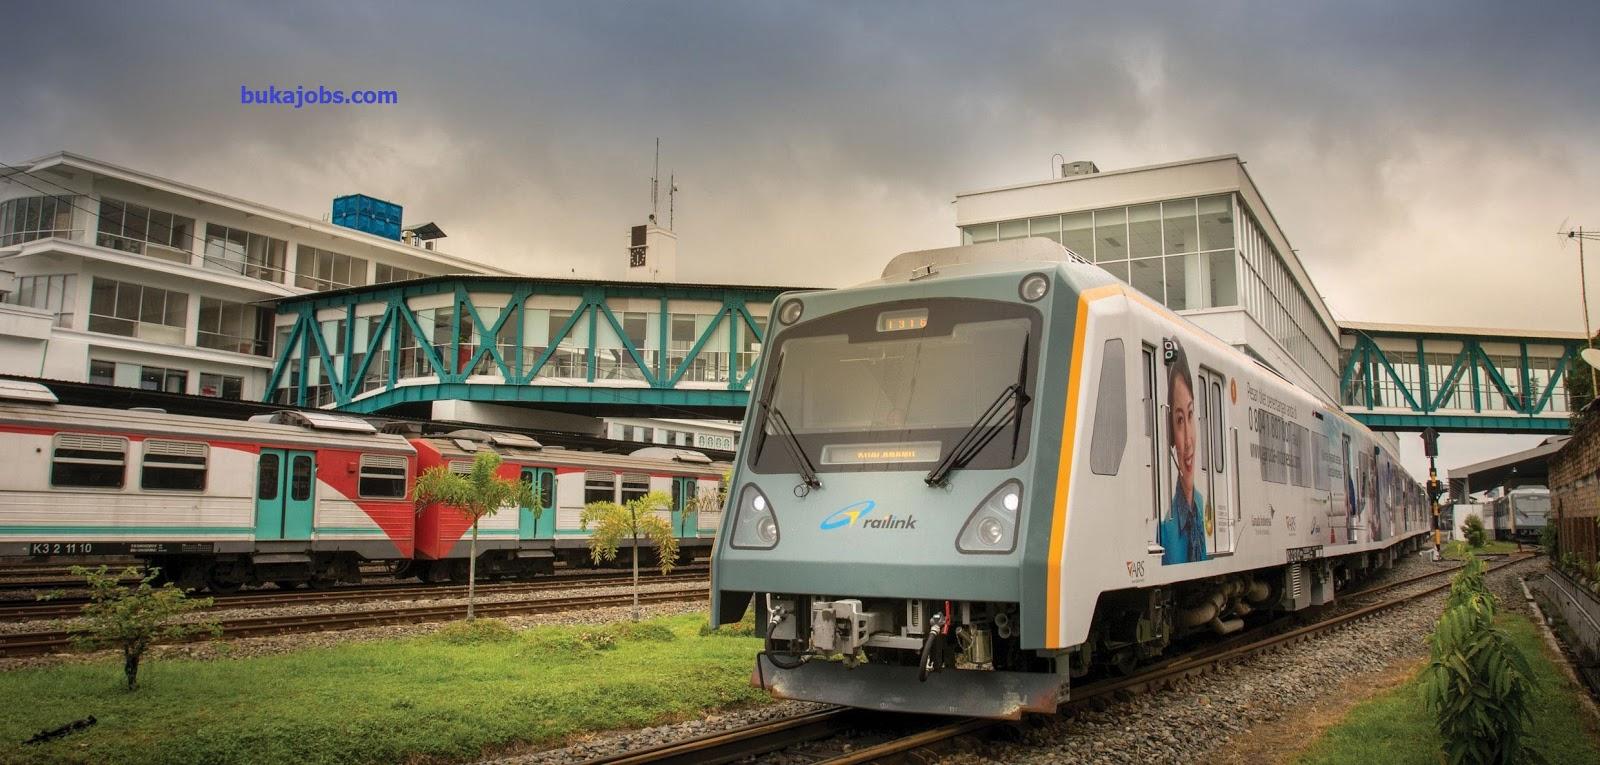 Lowongan Kerja PT Railink Indonesia (Kereta Api Bandara) 20199